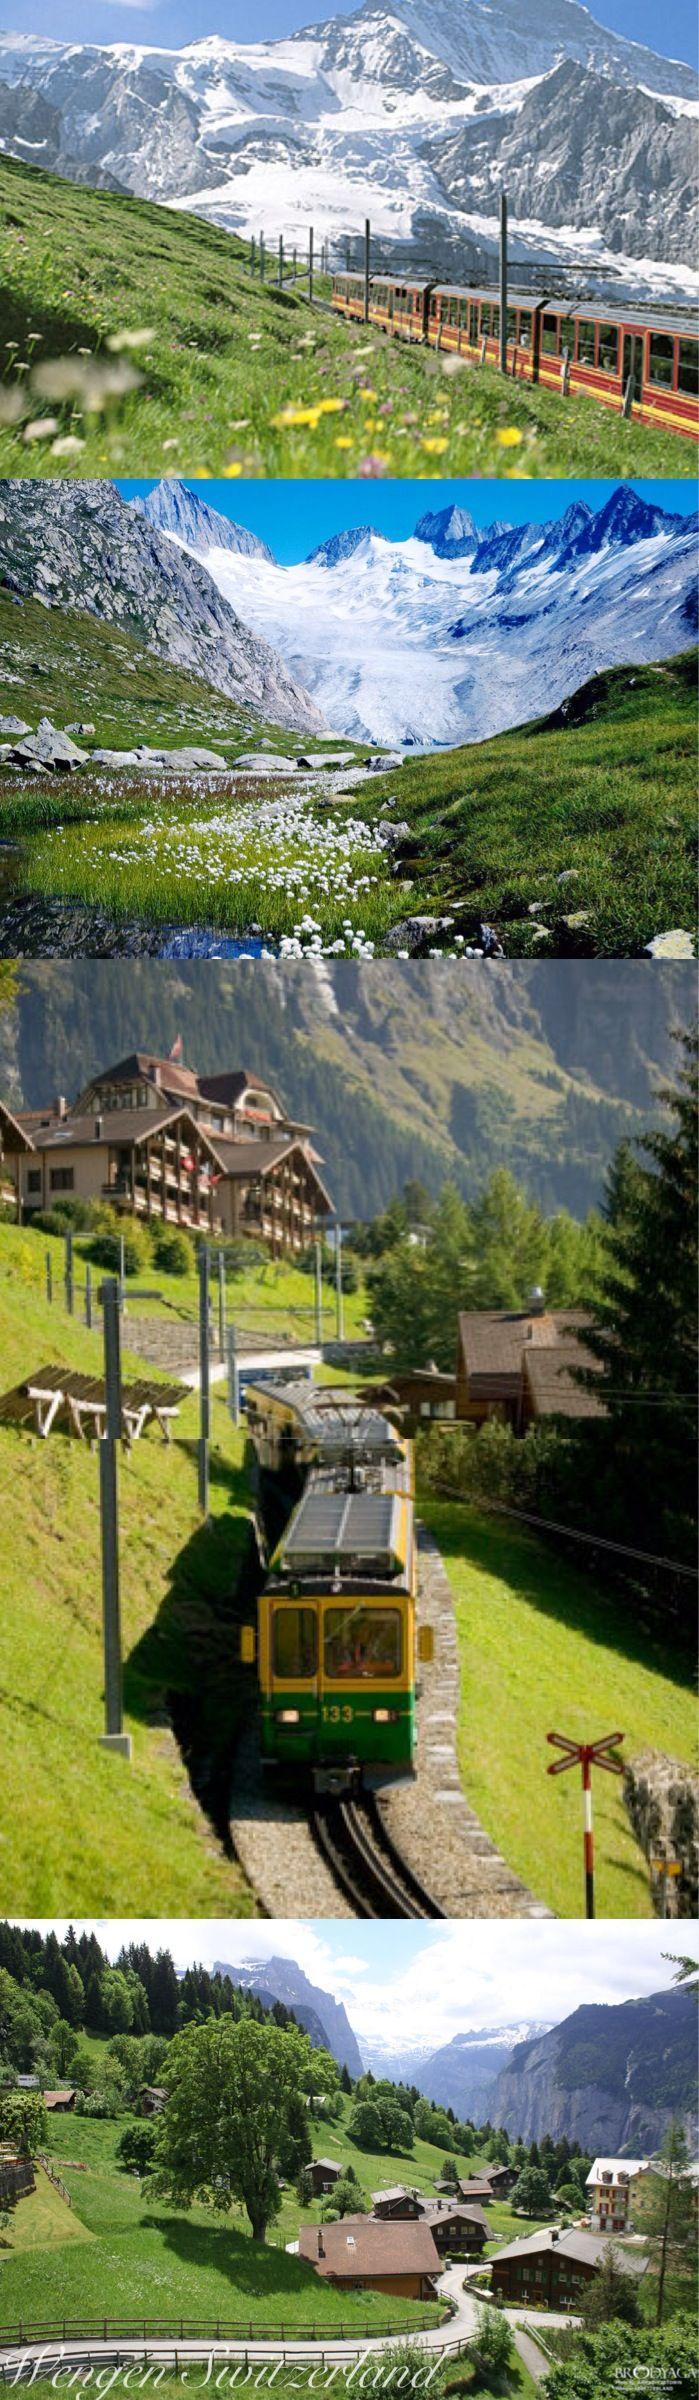 Wengen ! Switzerlandhttp://www.pinterest.com/pin/508766089126688520/ สวยยย